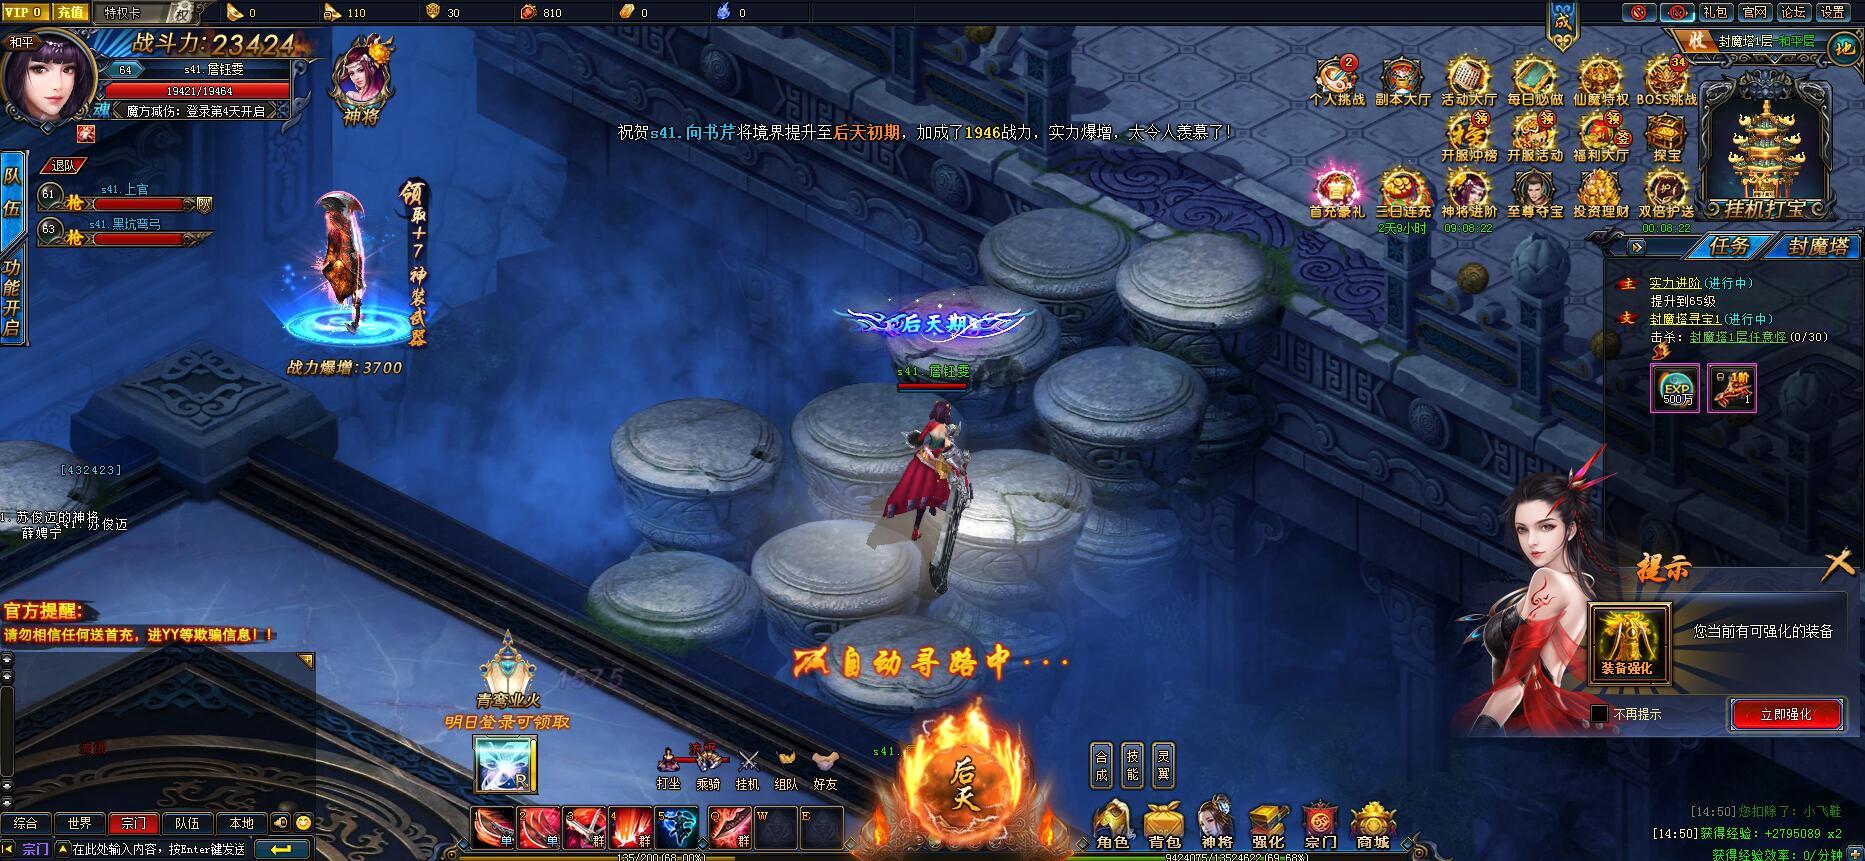 妖魔传说游戏截图1